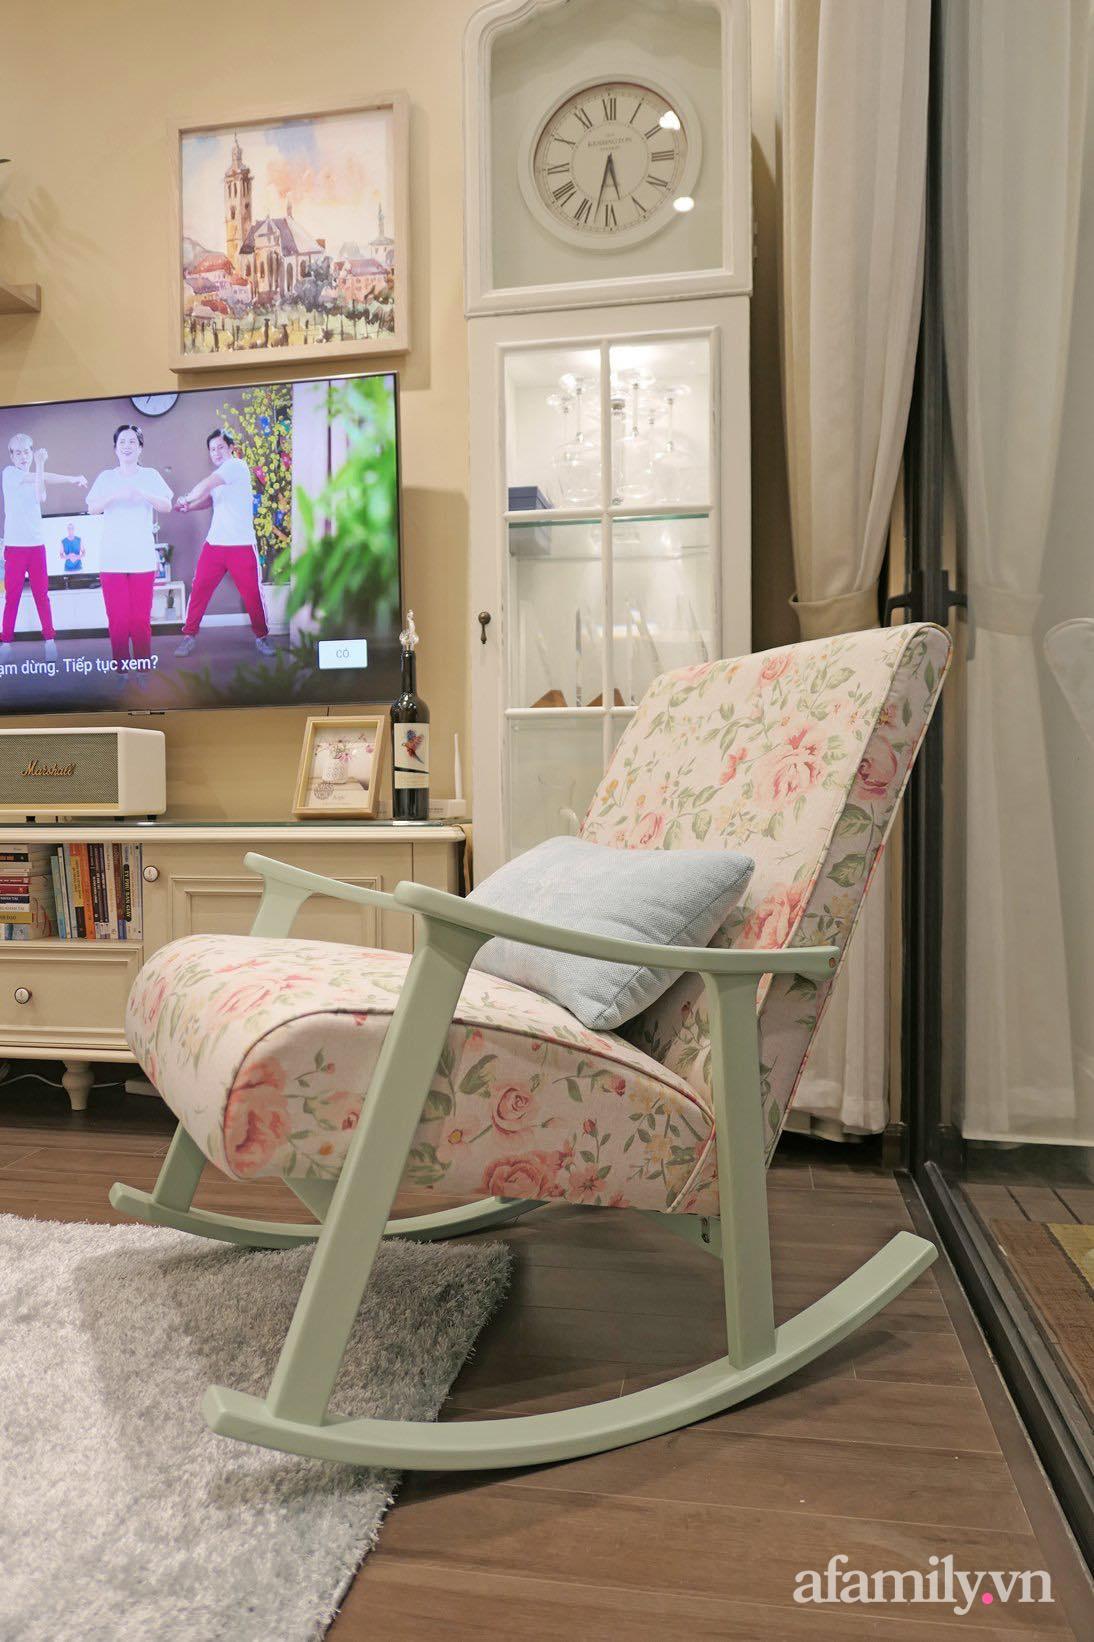 """Căn hộ siêu dễ thương decor theo phong cách Vintage được chủ nhà hoàn thiện """"vội"""" trong 10 ngày ở Hà Nội - Ảnh 10."""